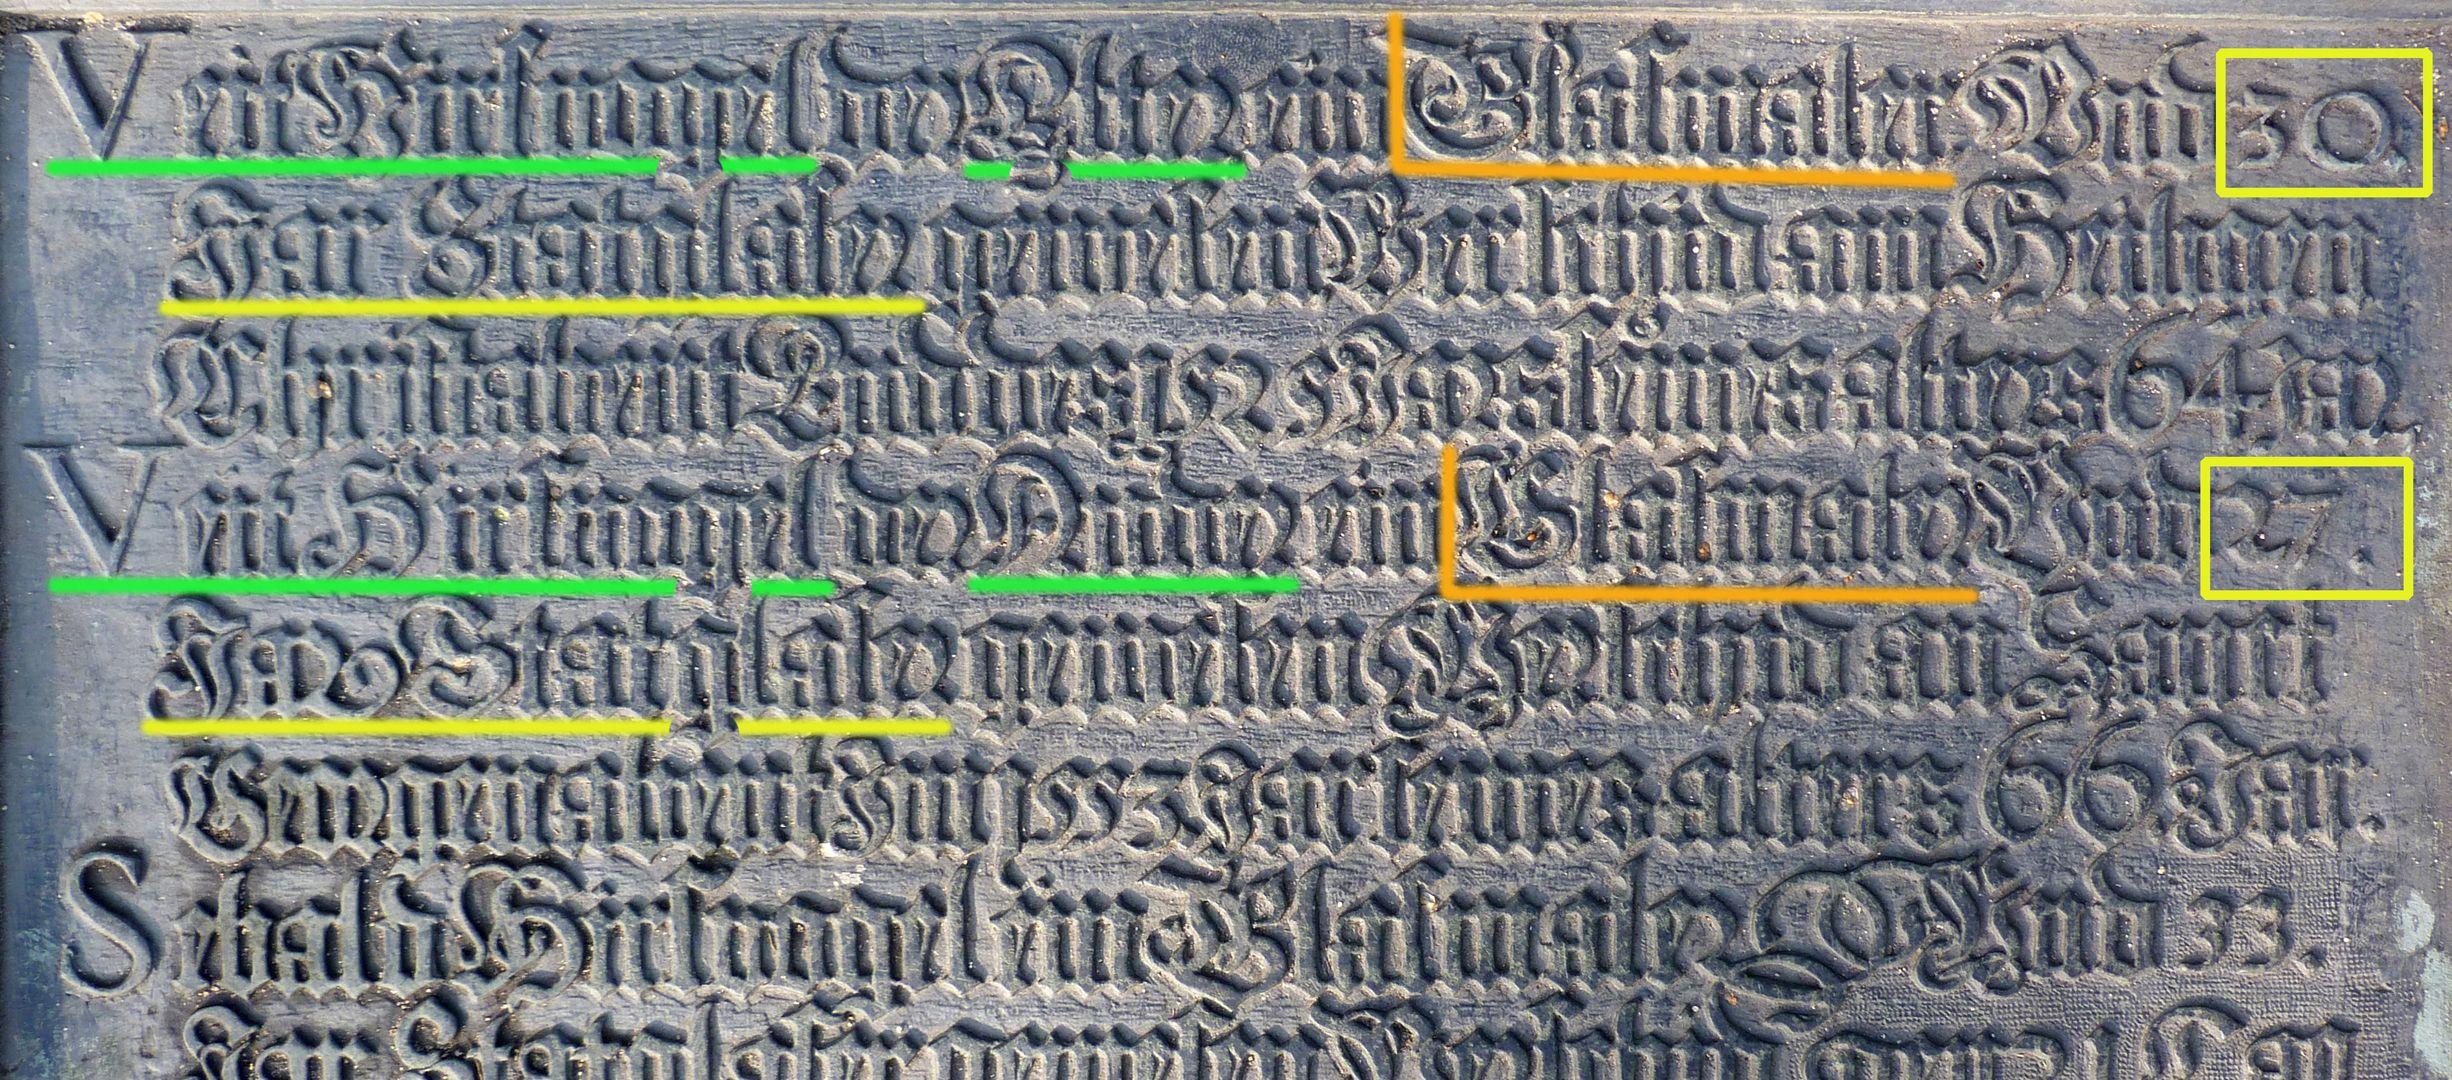 Hirsvogel Epitaph oberer Teil der Tafel mit Eintrag Veit Hirsvogel d.Ä. und Veit Hirsvogel d.J. / Markierung (Name, Glasmaler, Jahre als Stadtglaser)